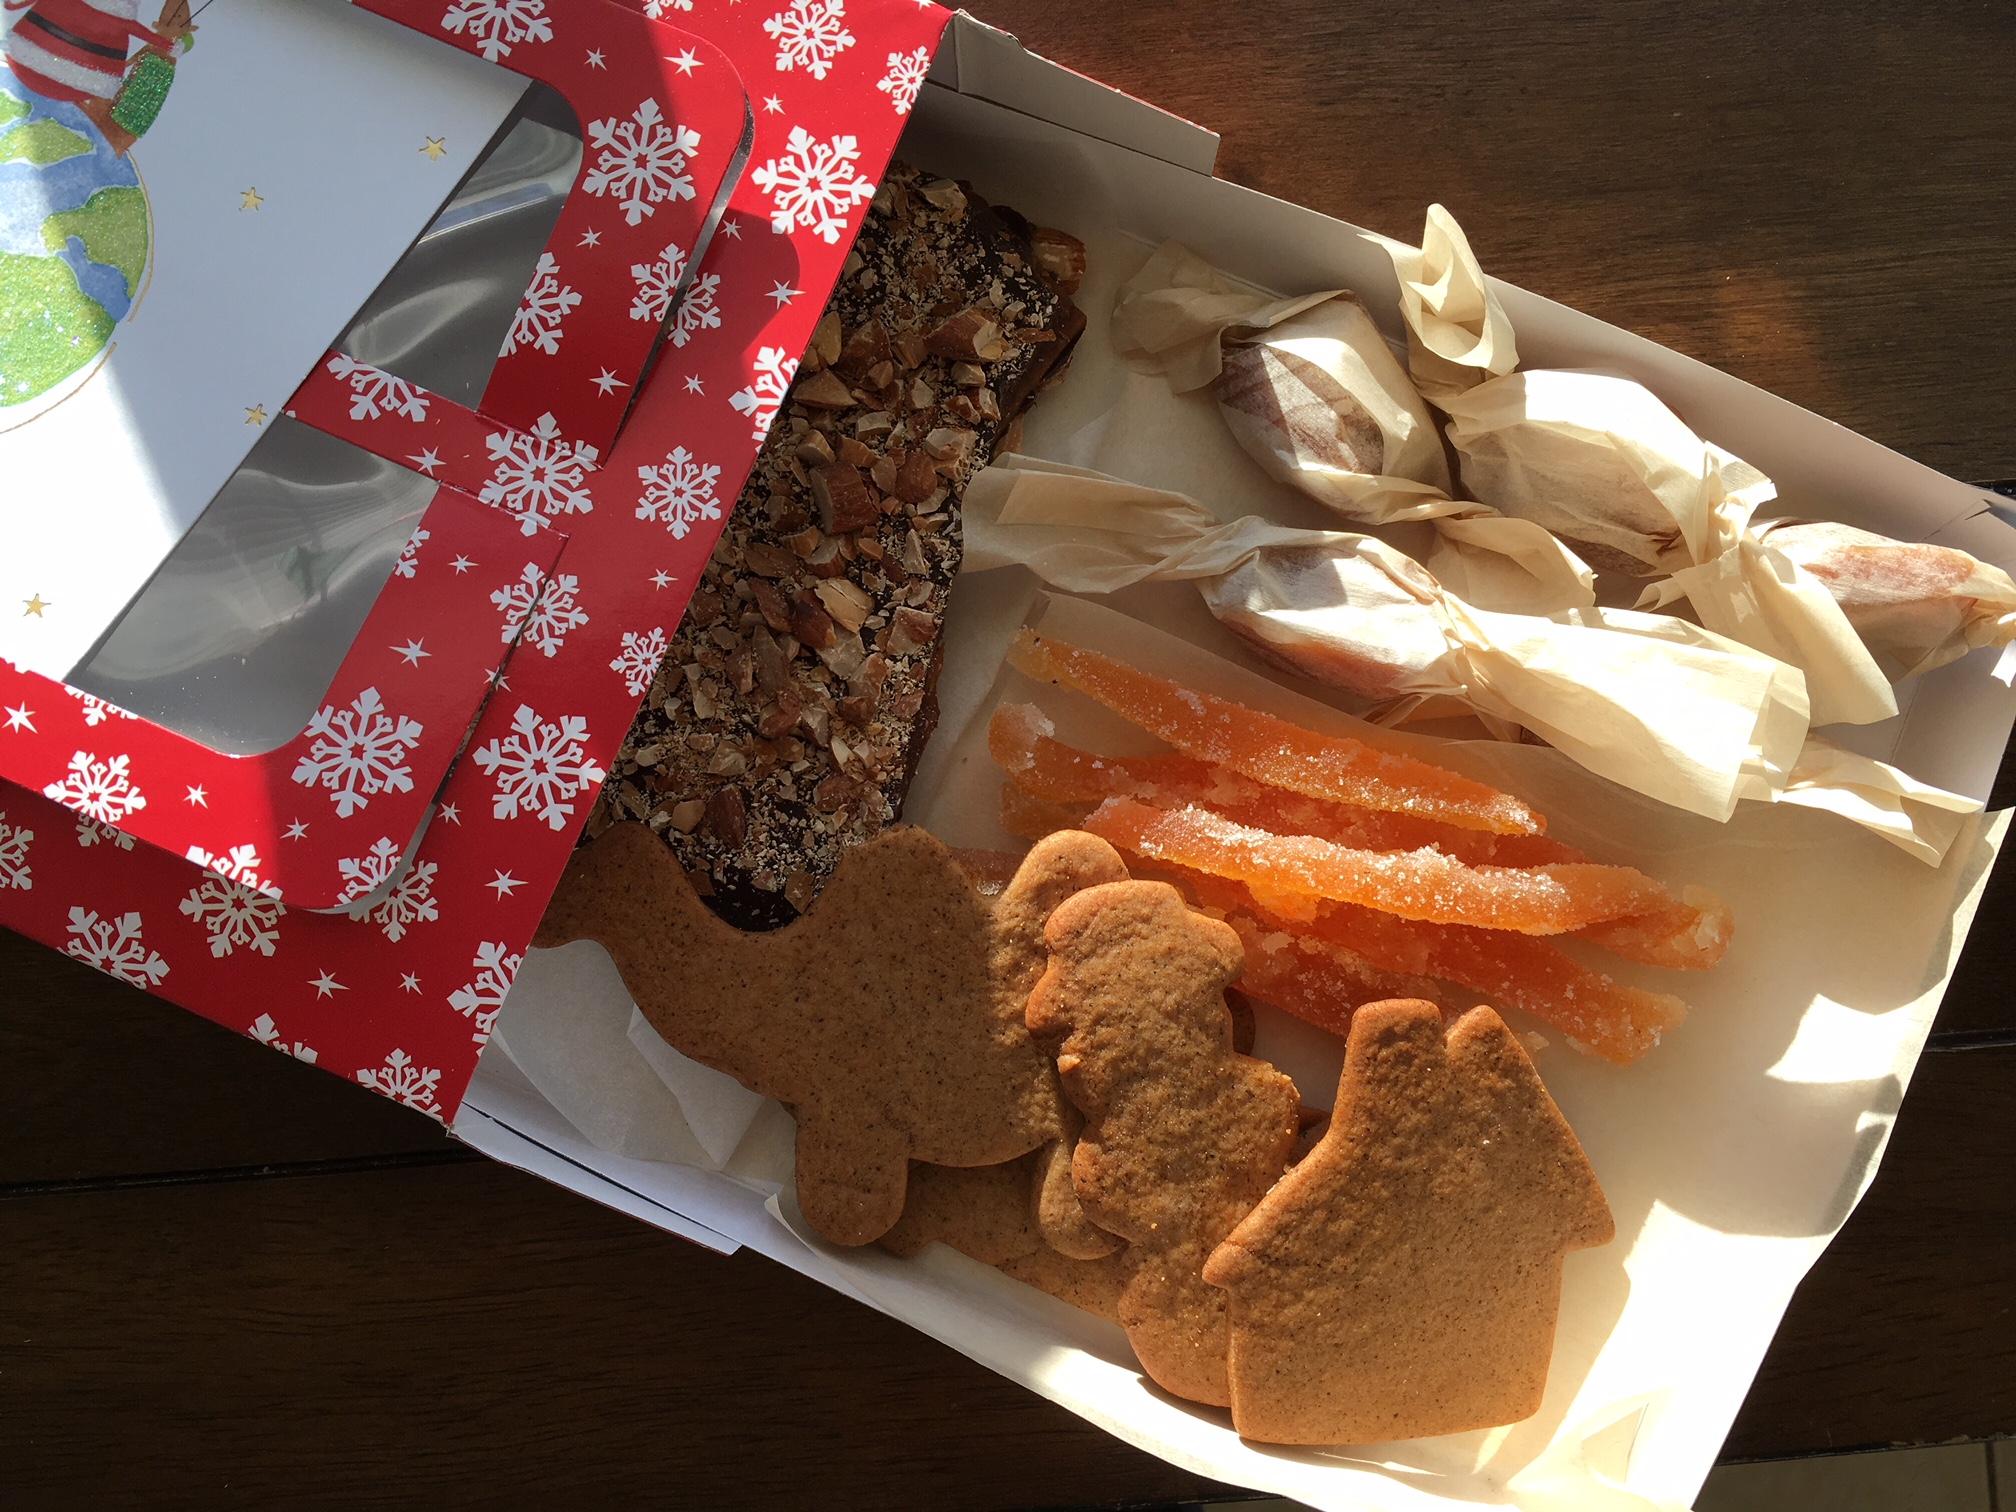 A finished box: 4 kinds of homemade treats